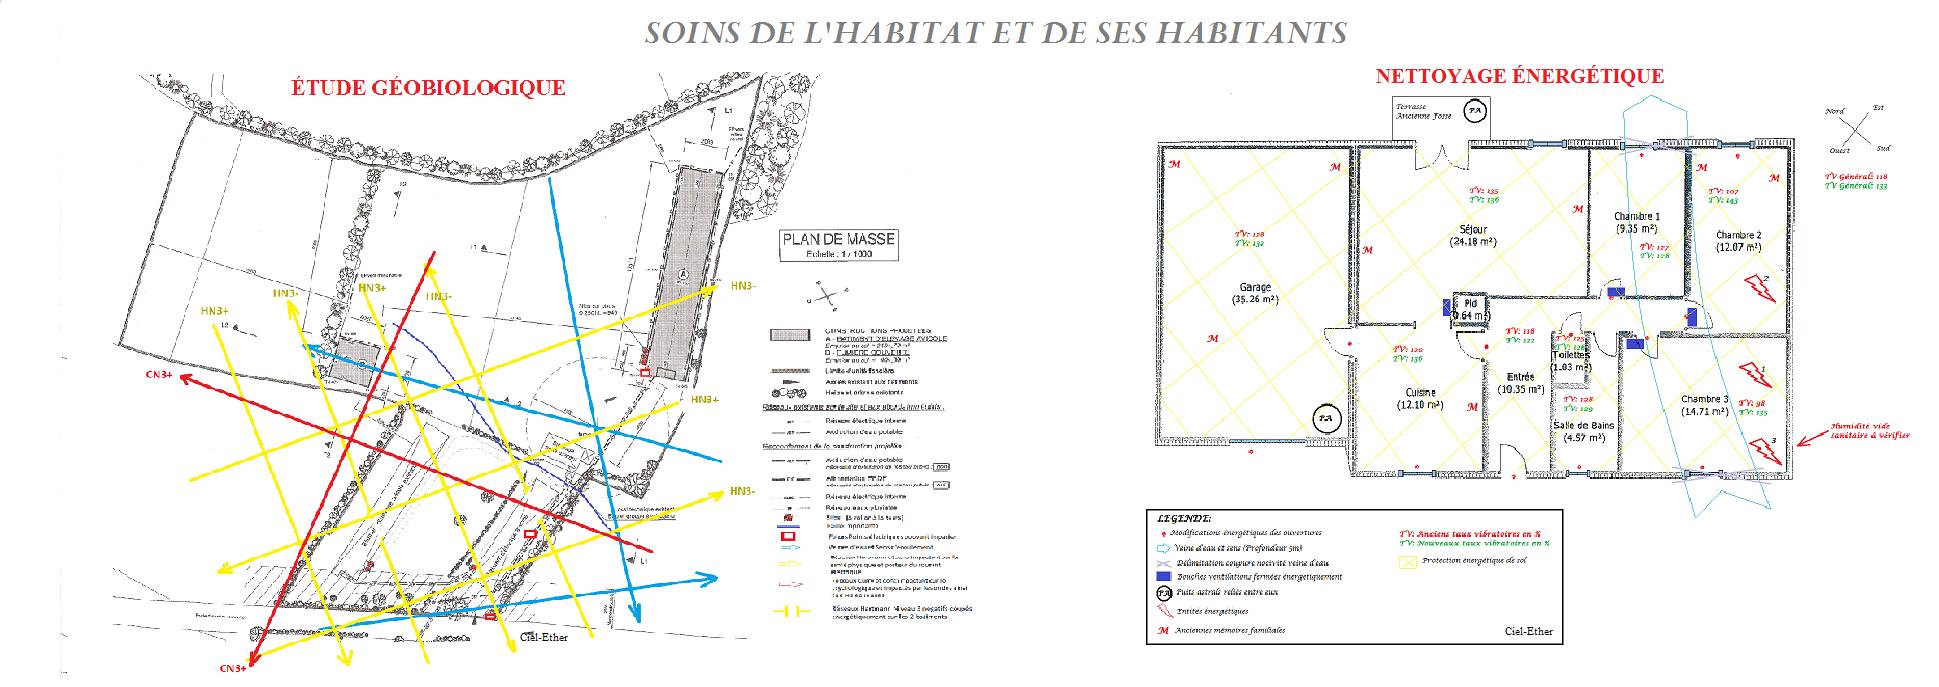 Mon Travail de géobiologue : Soins de l'habitat - Etude géobiologique - Nettoyage énergétique des lieux